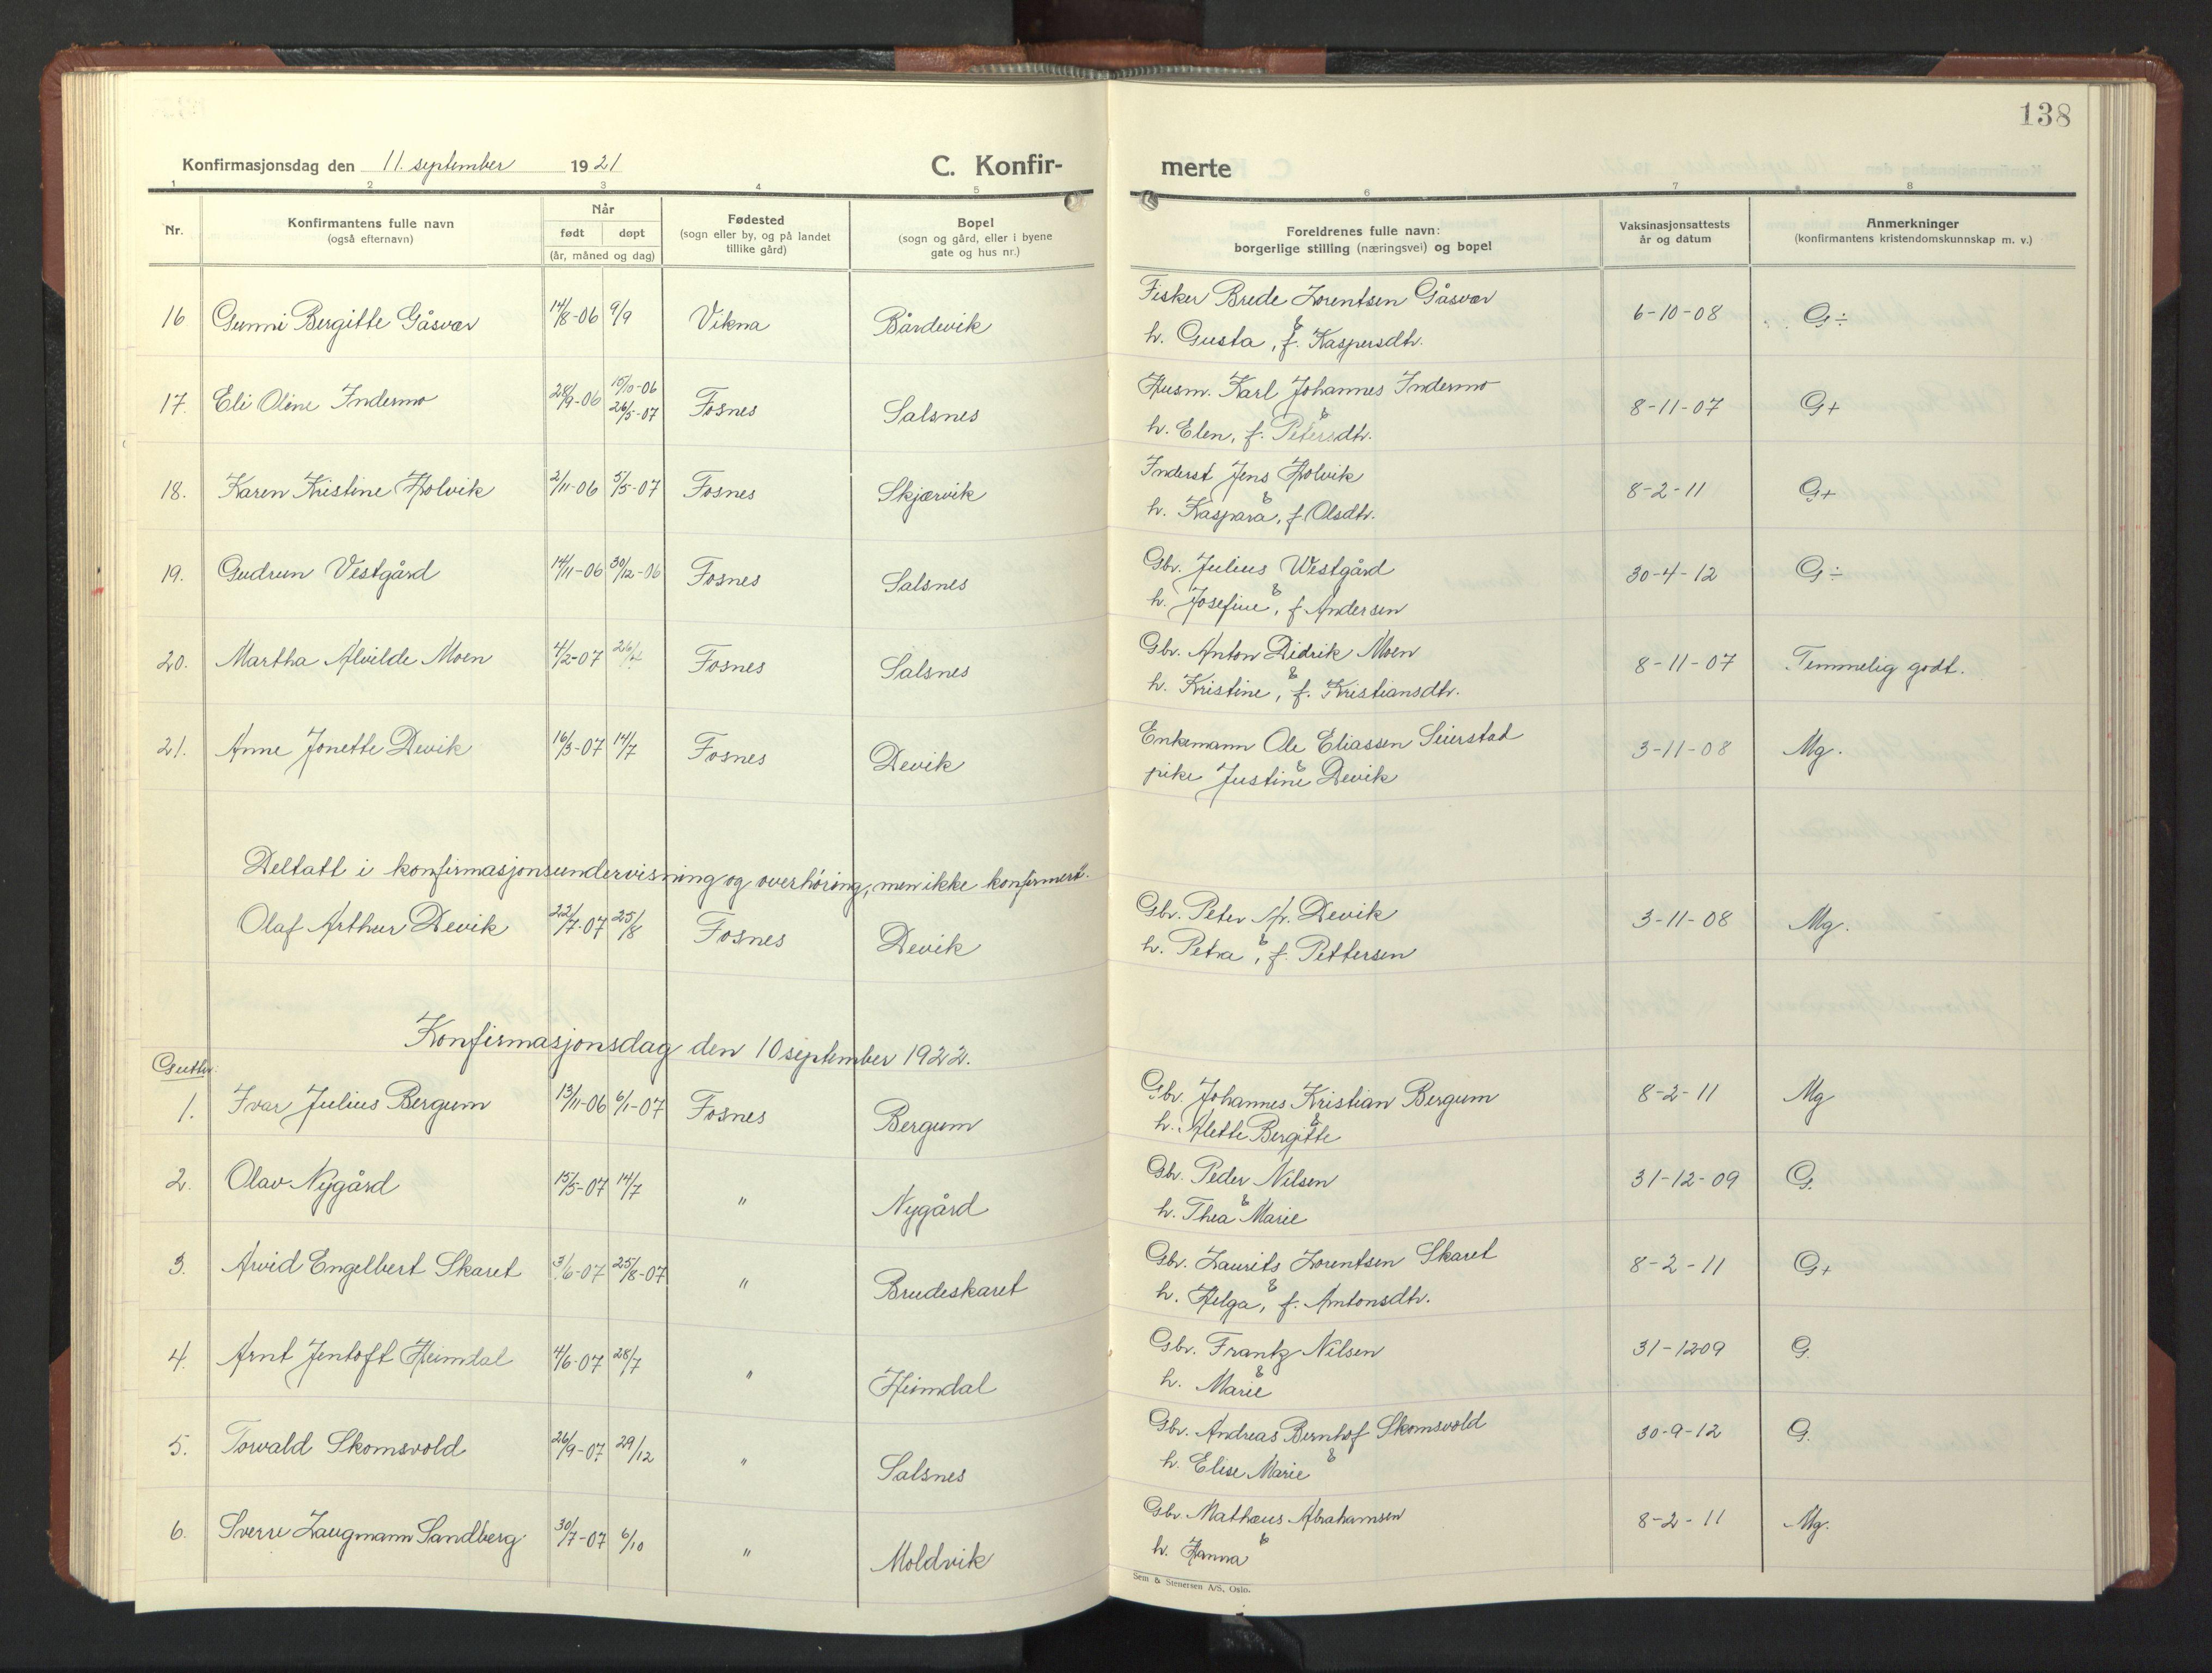 SAT, Ministerialprotokoller, klokkerbøker og fødselsregistre - Nord-Trøndelag, 773/L0625: Klokkerbok nr. 773C01, 1910-1952, s. 138